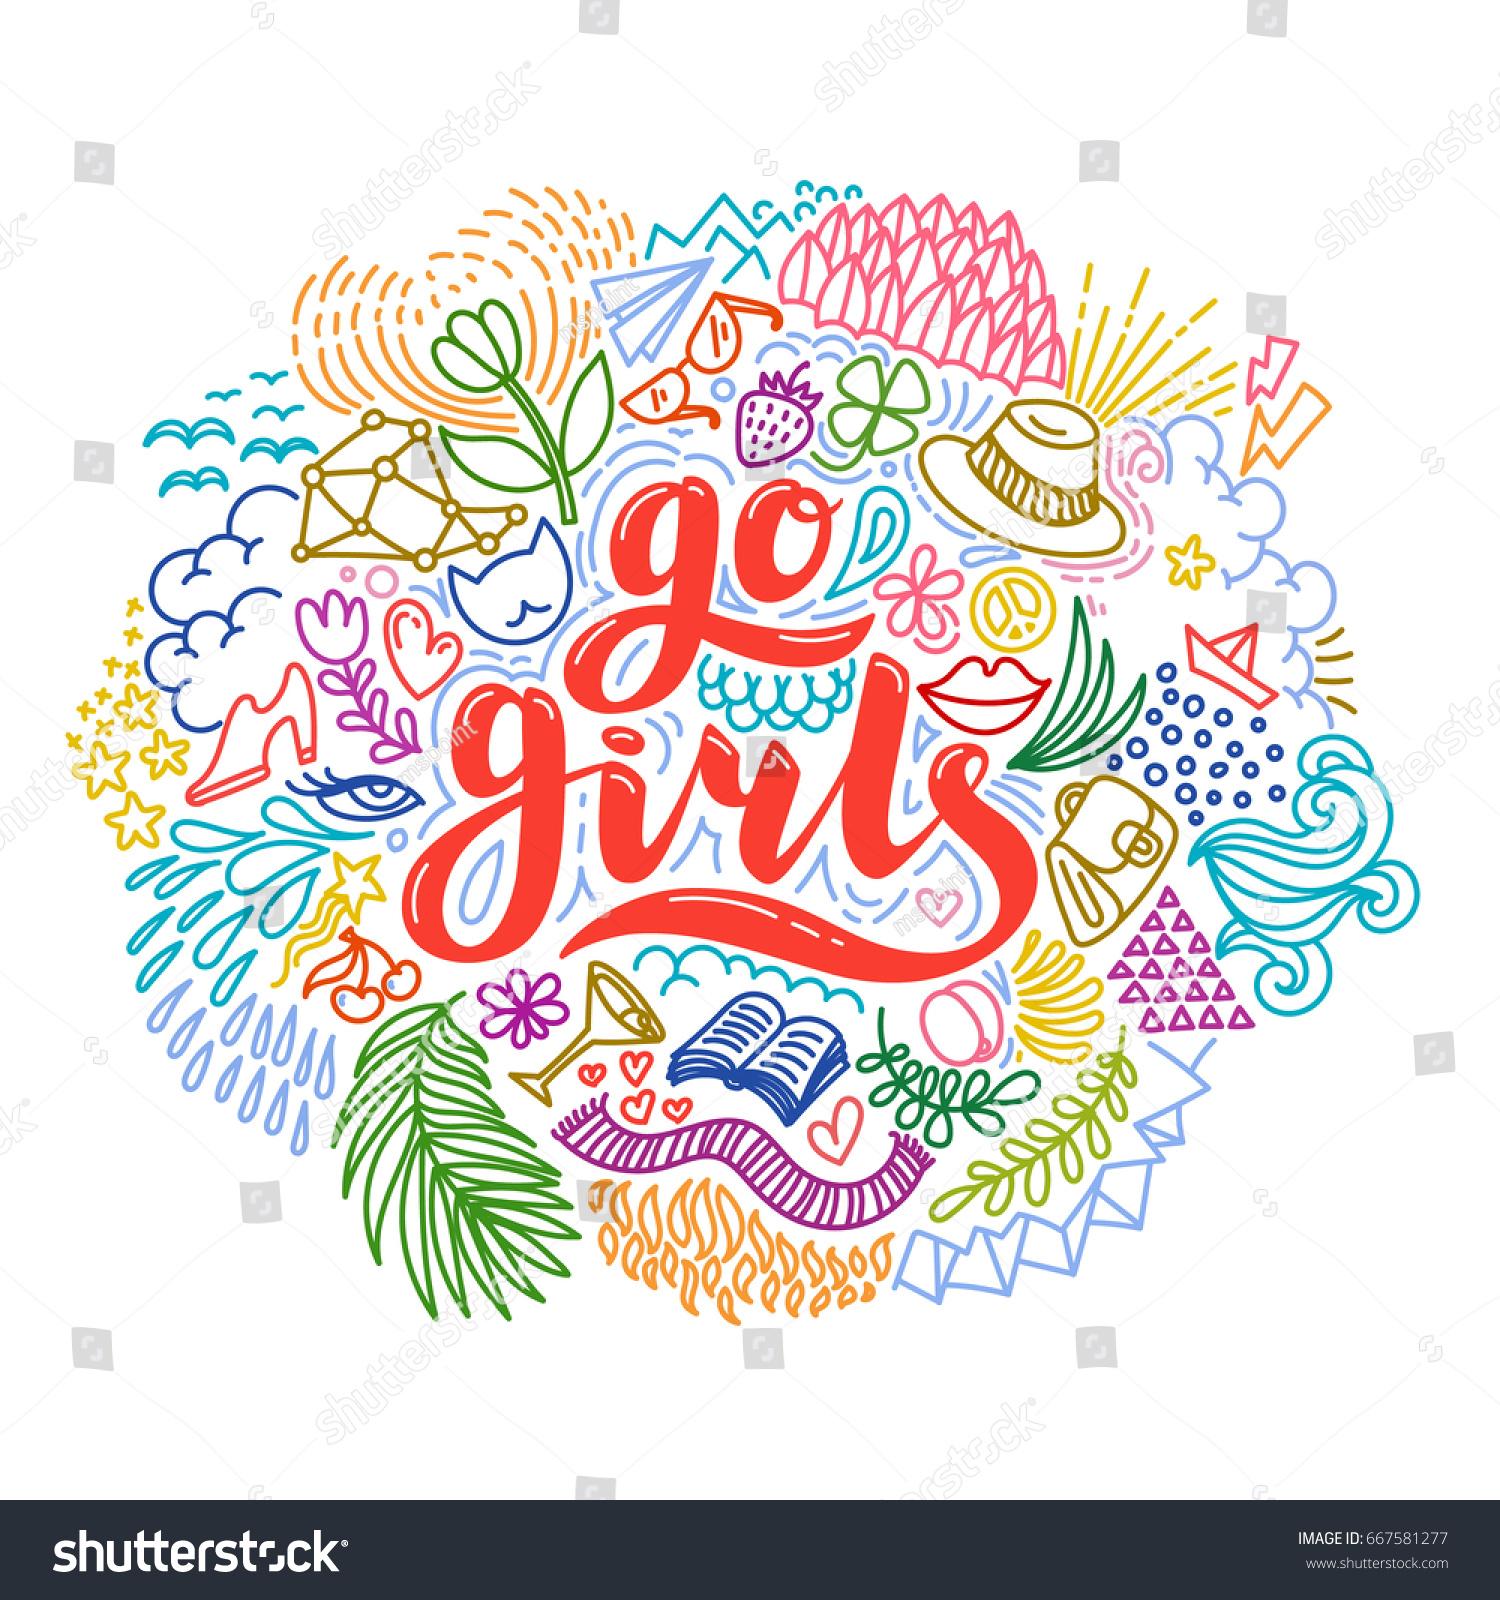 Go girls com free